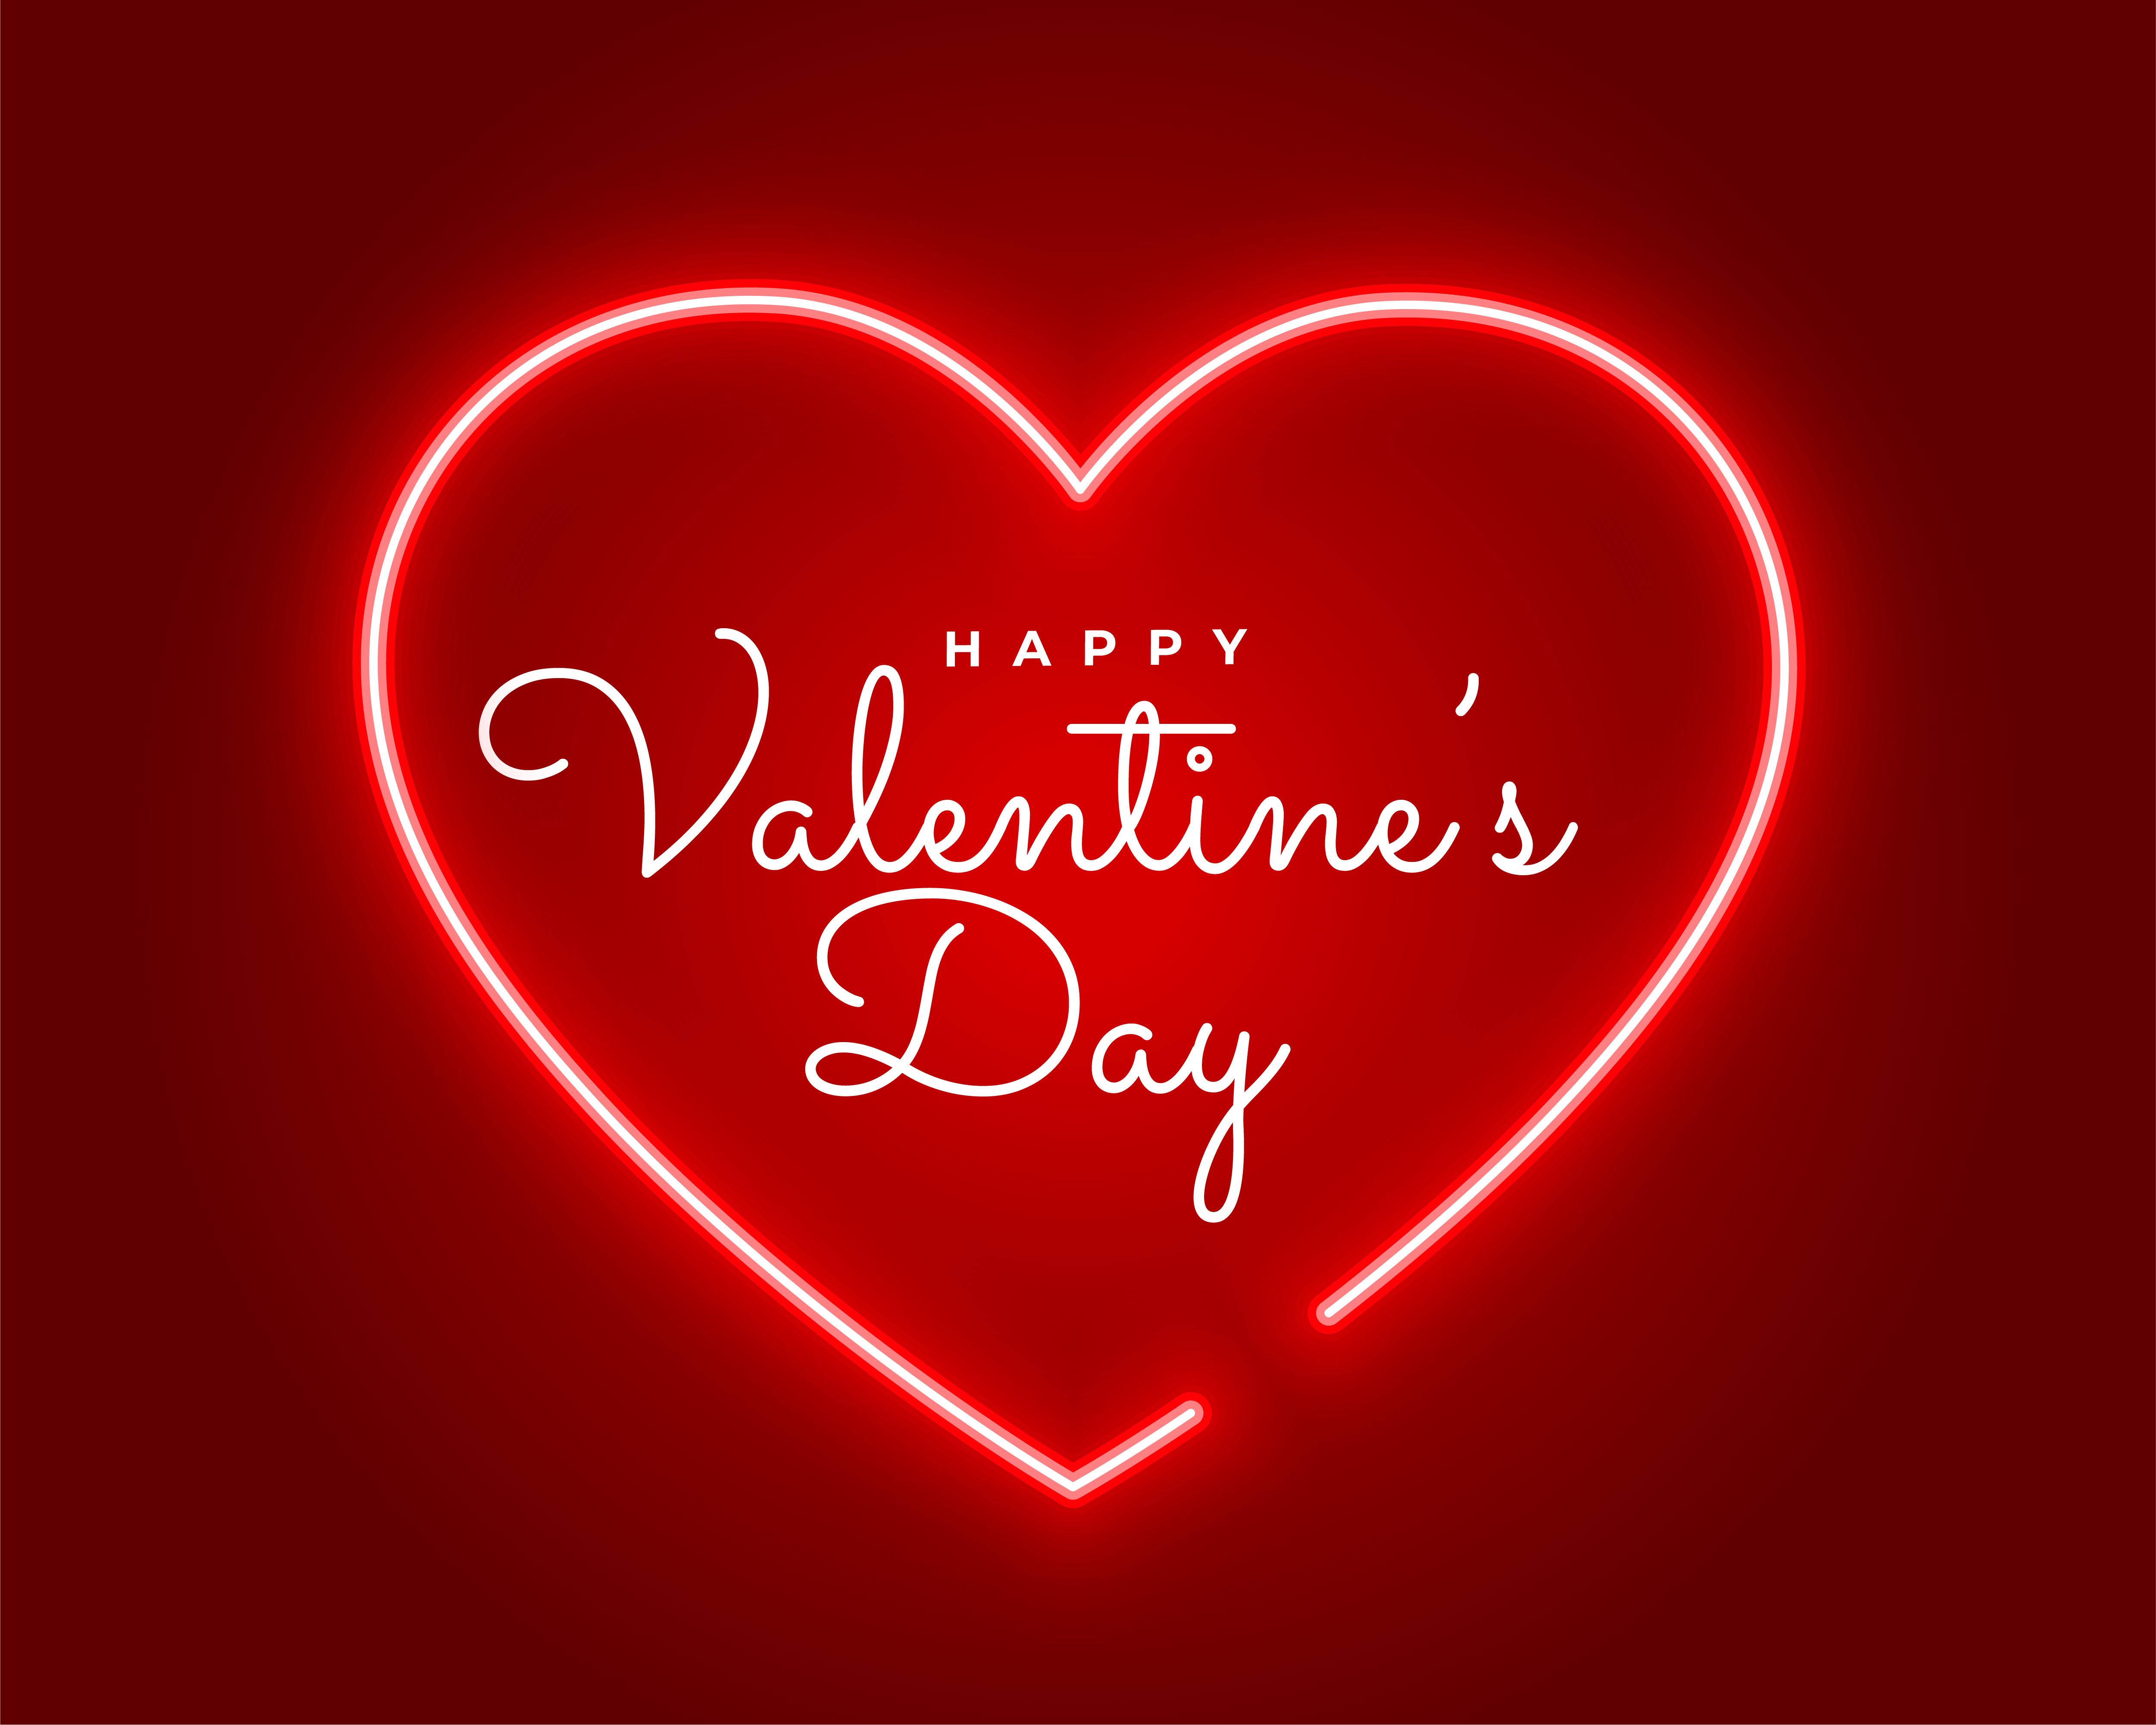 Valentine's Day During Lockdown